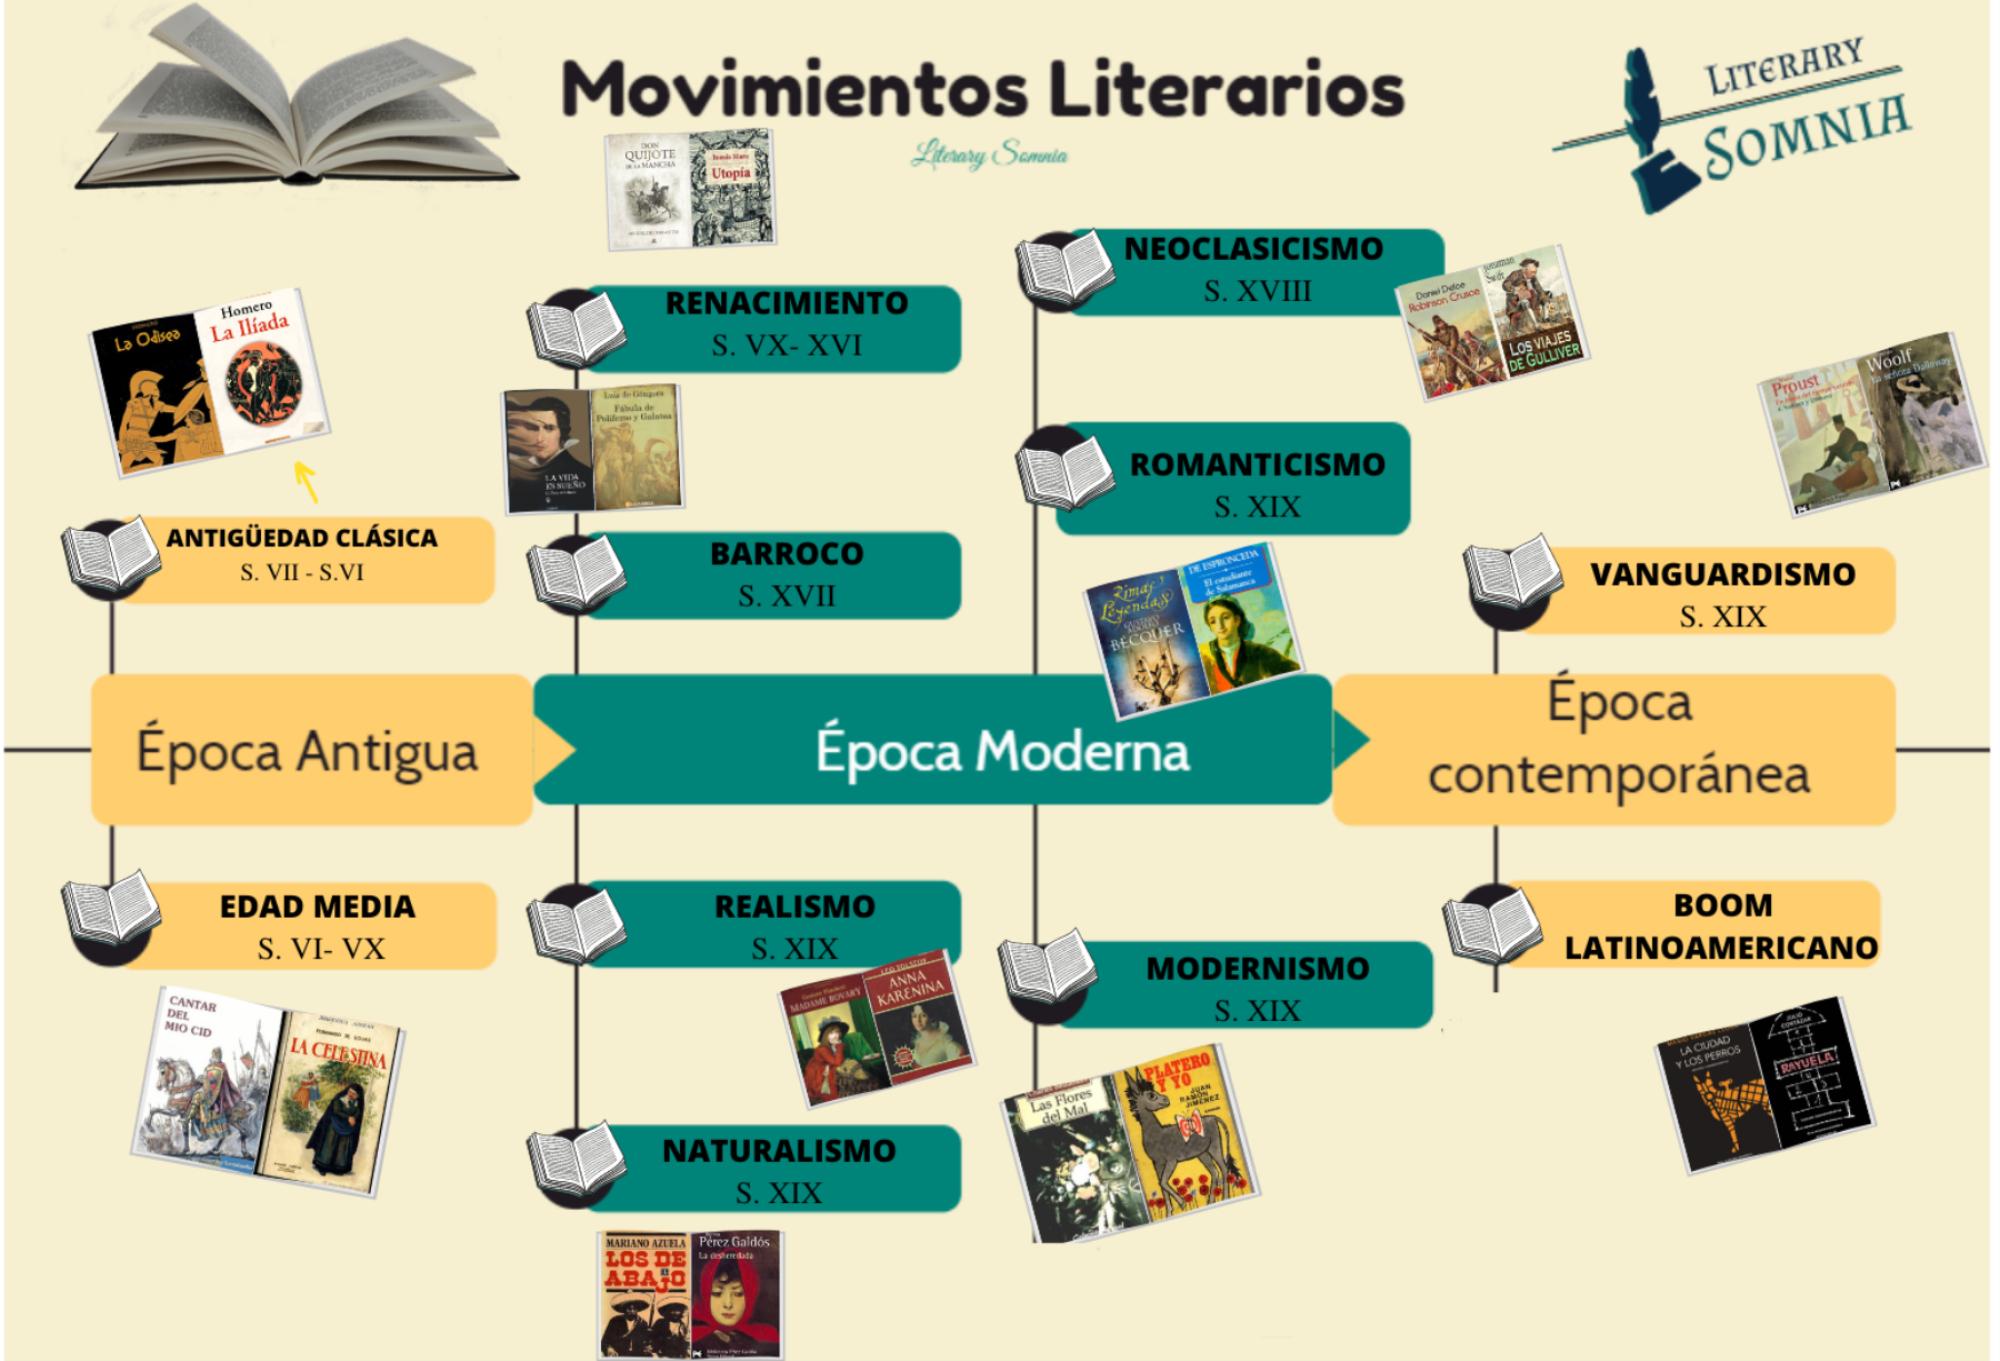 movimientos literarios linea del tiempo